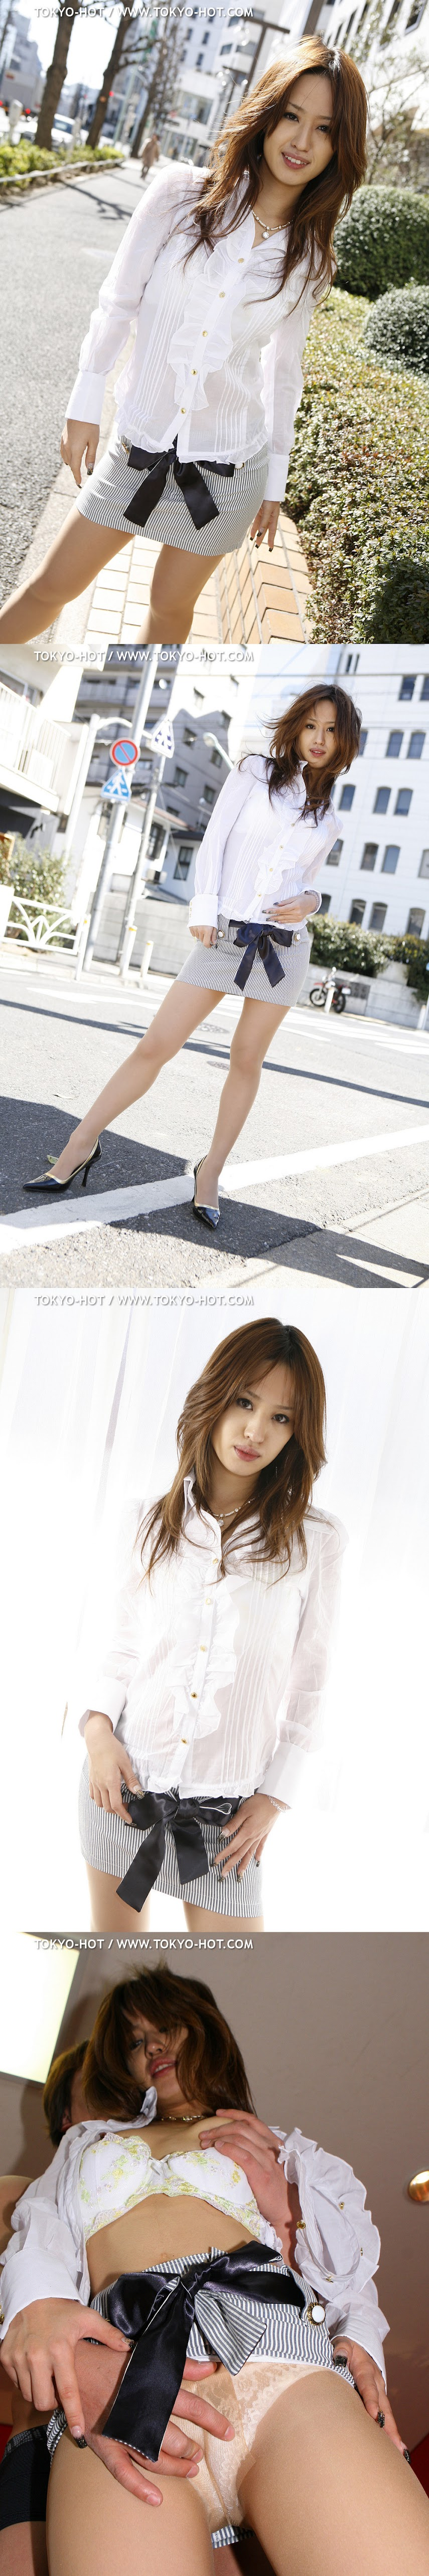 e219RQ_sp01_006.zip-jk- Tokyo-Hot e221ami matsuda 002 tokyo-hot 09160